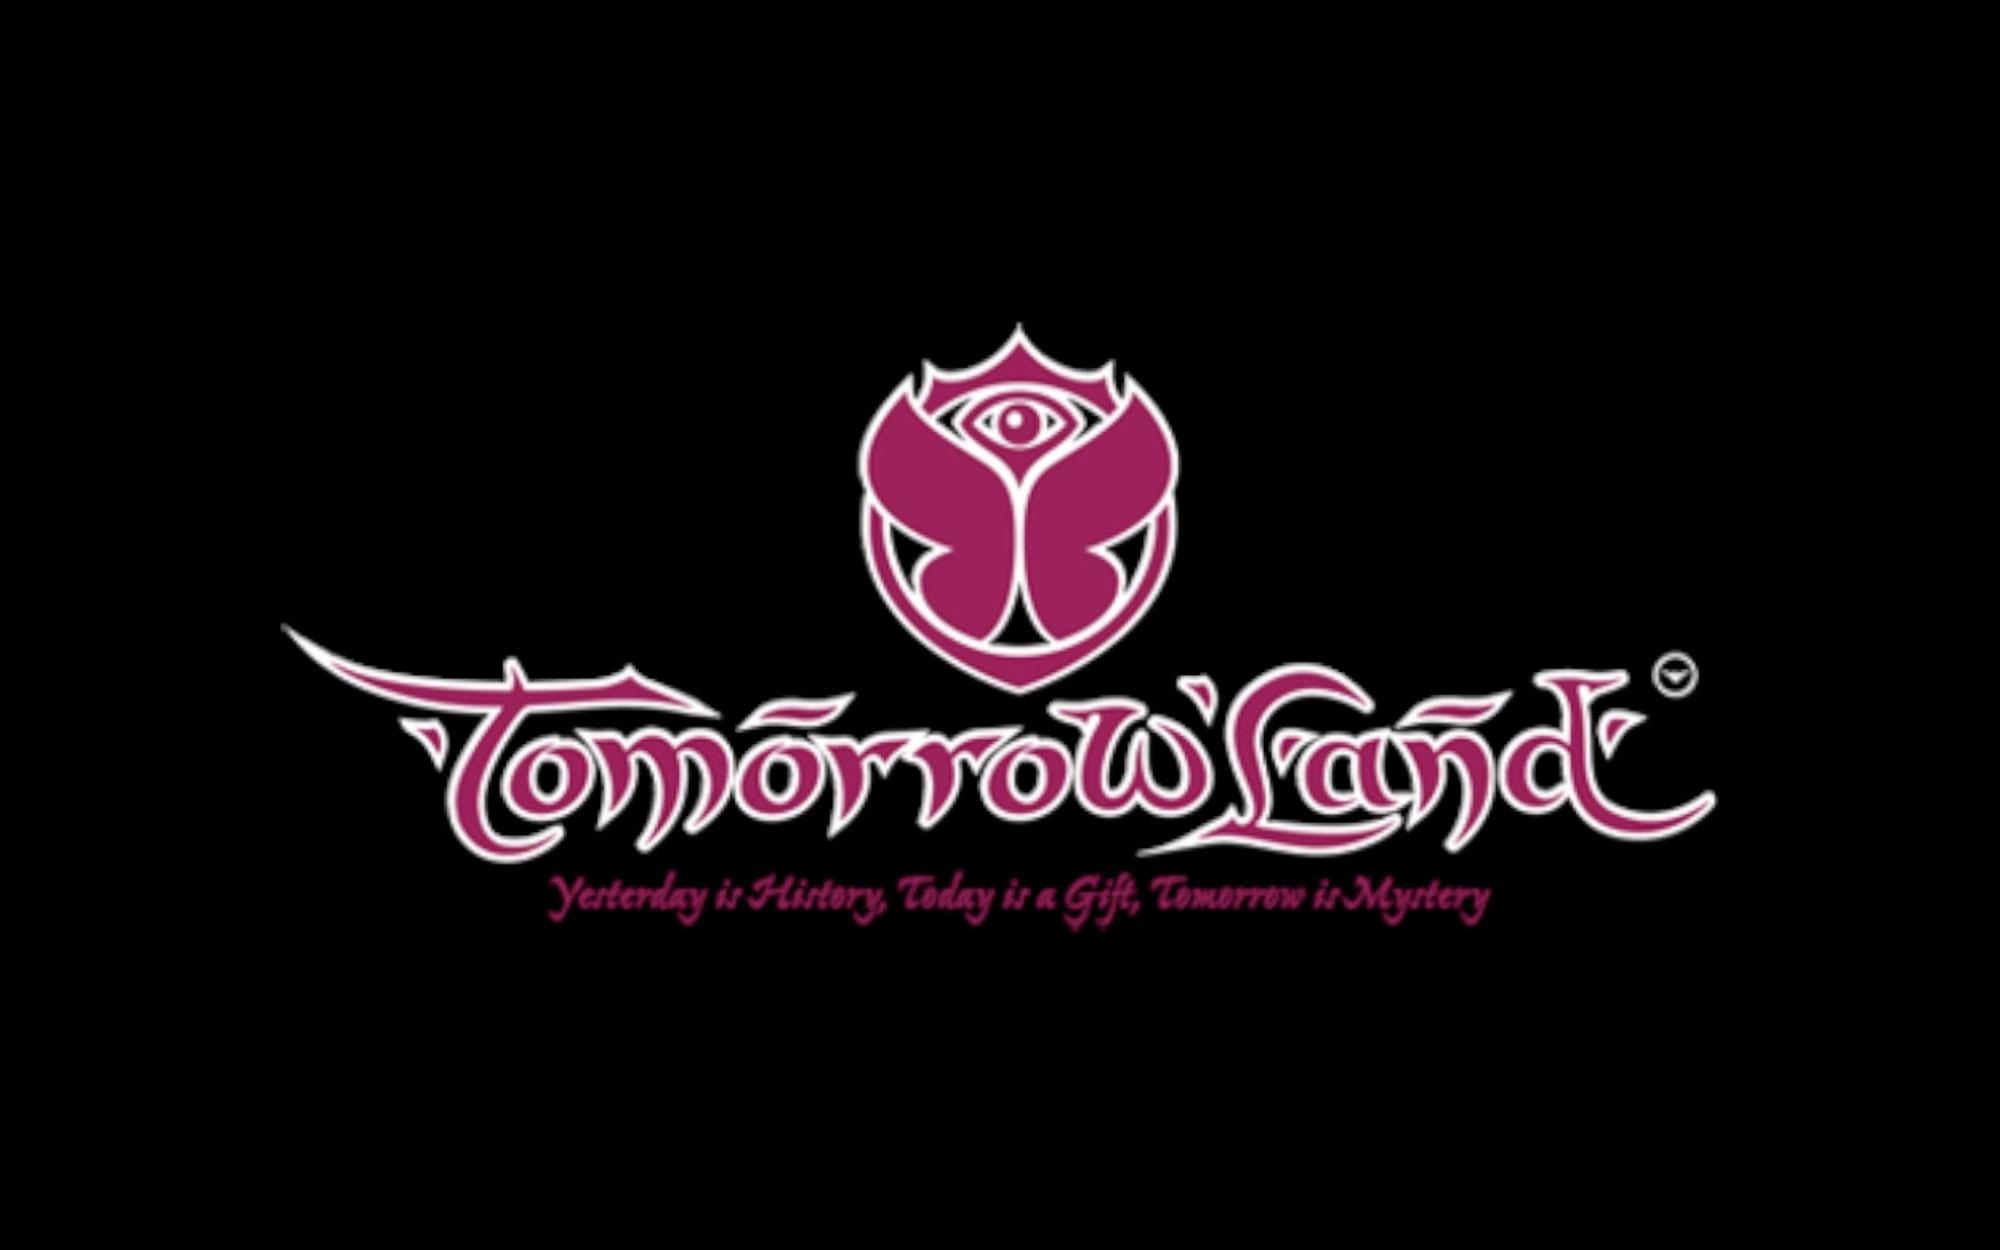 Tomorrowland Festival Logo